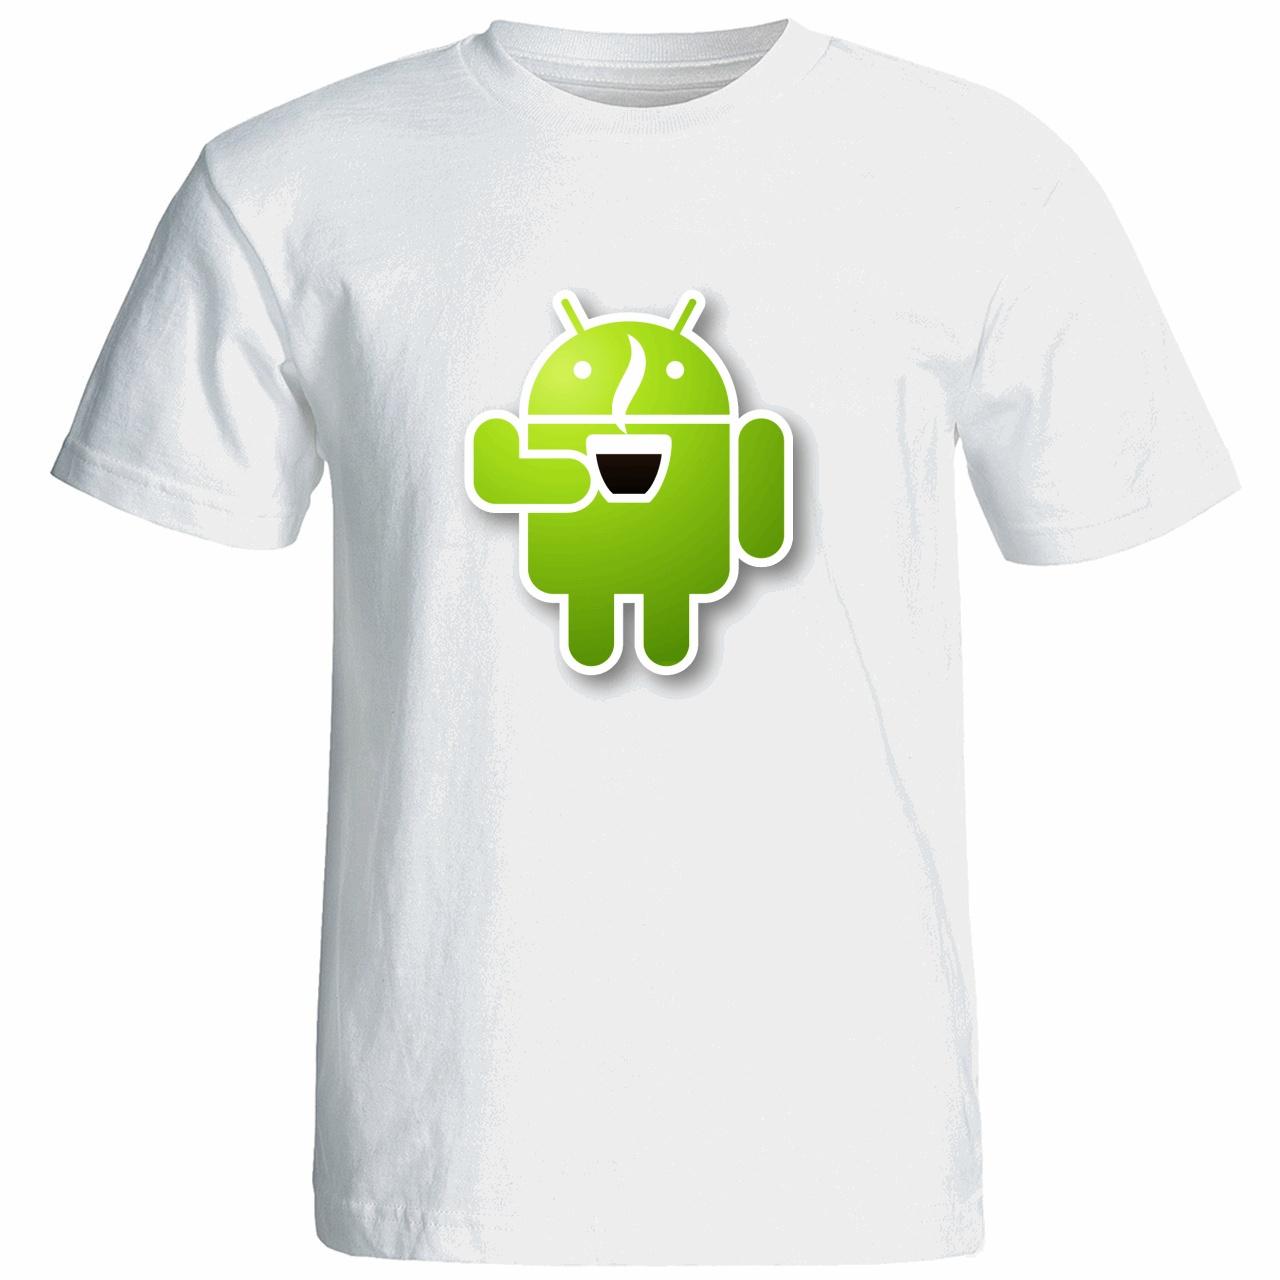 تی شرت آستین کوتاه نوین نقش طرح کد 9190